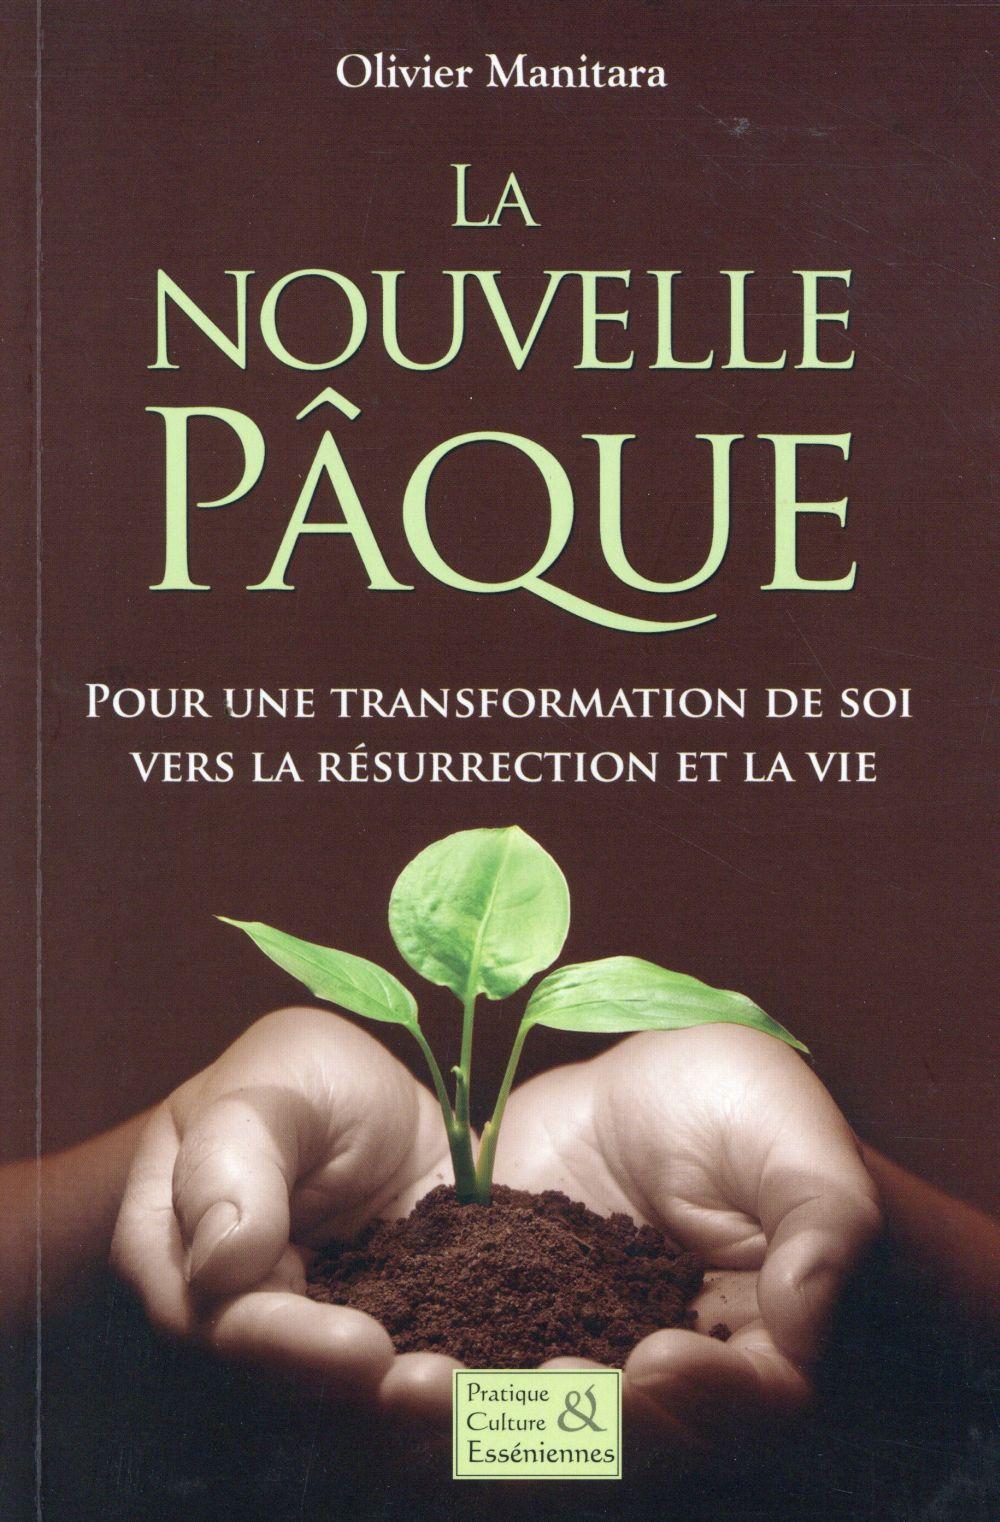 LA NOUVELLE PAQUE - POUR UNE TRANSFORMATION DE SOI VERS LA RESURRECTION ET LA VIE